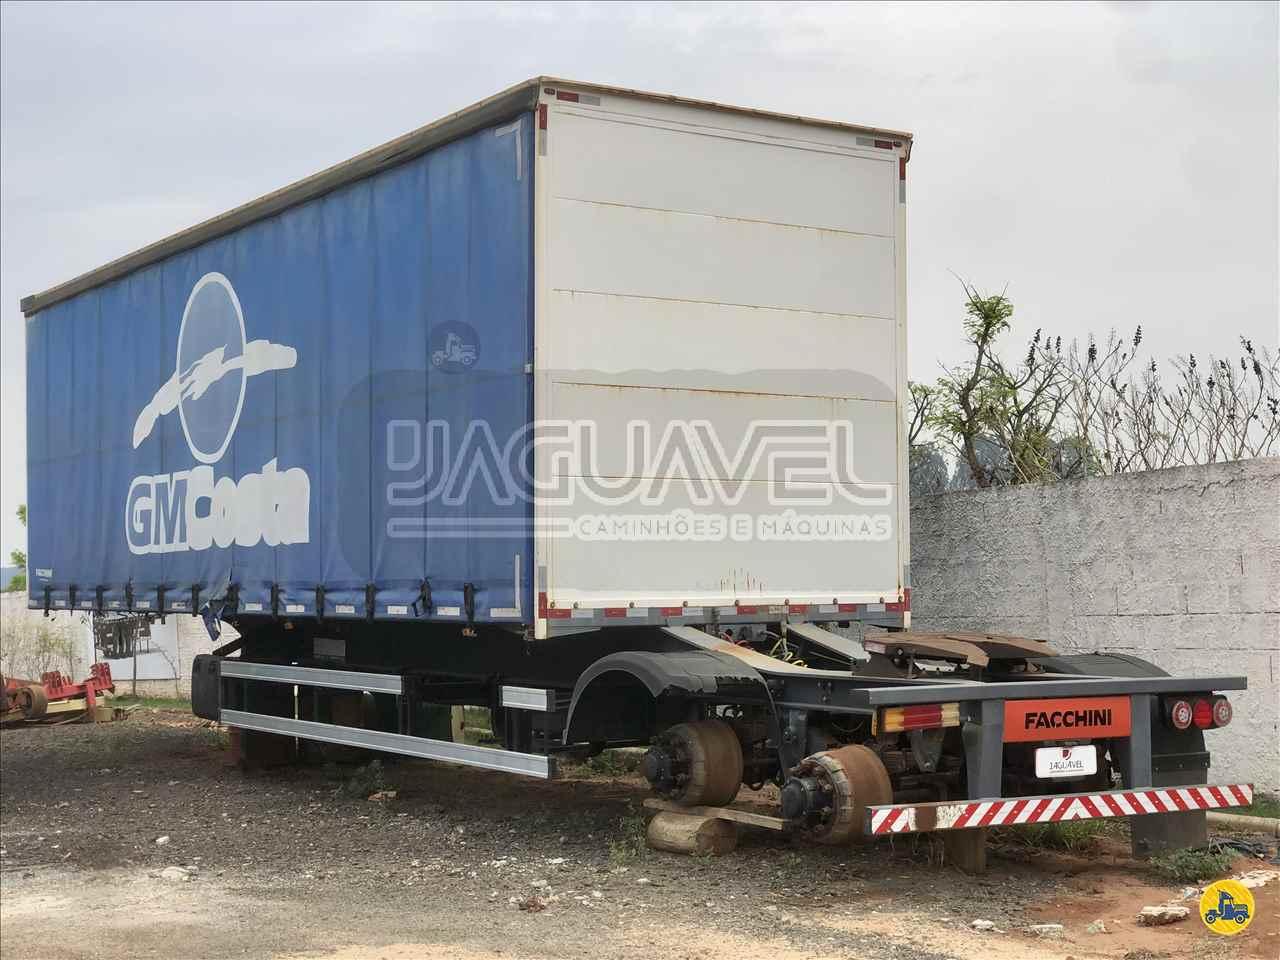 CARRETA SEMI-REBOQUE BAU FURGÃO Jaguavel Caminhões JAGUARIAIVA PARANÁ PR